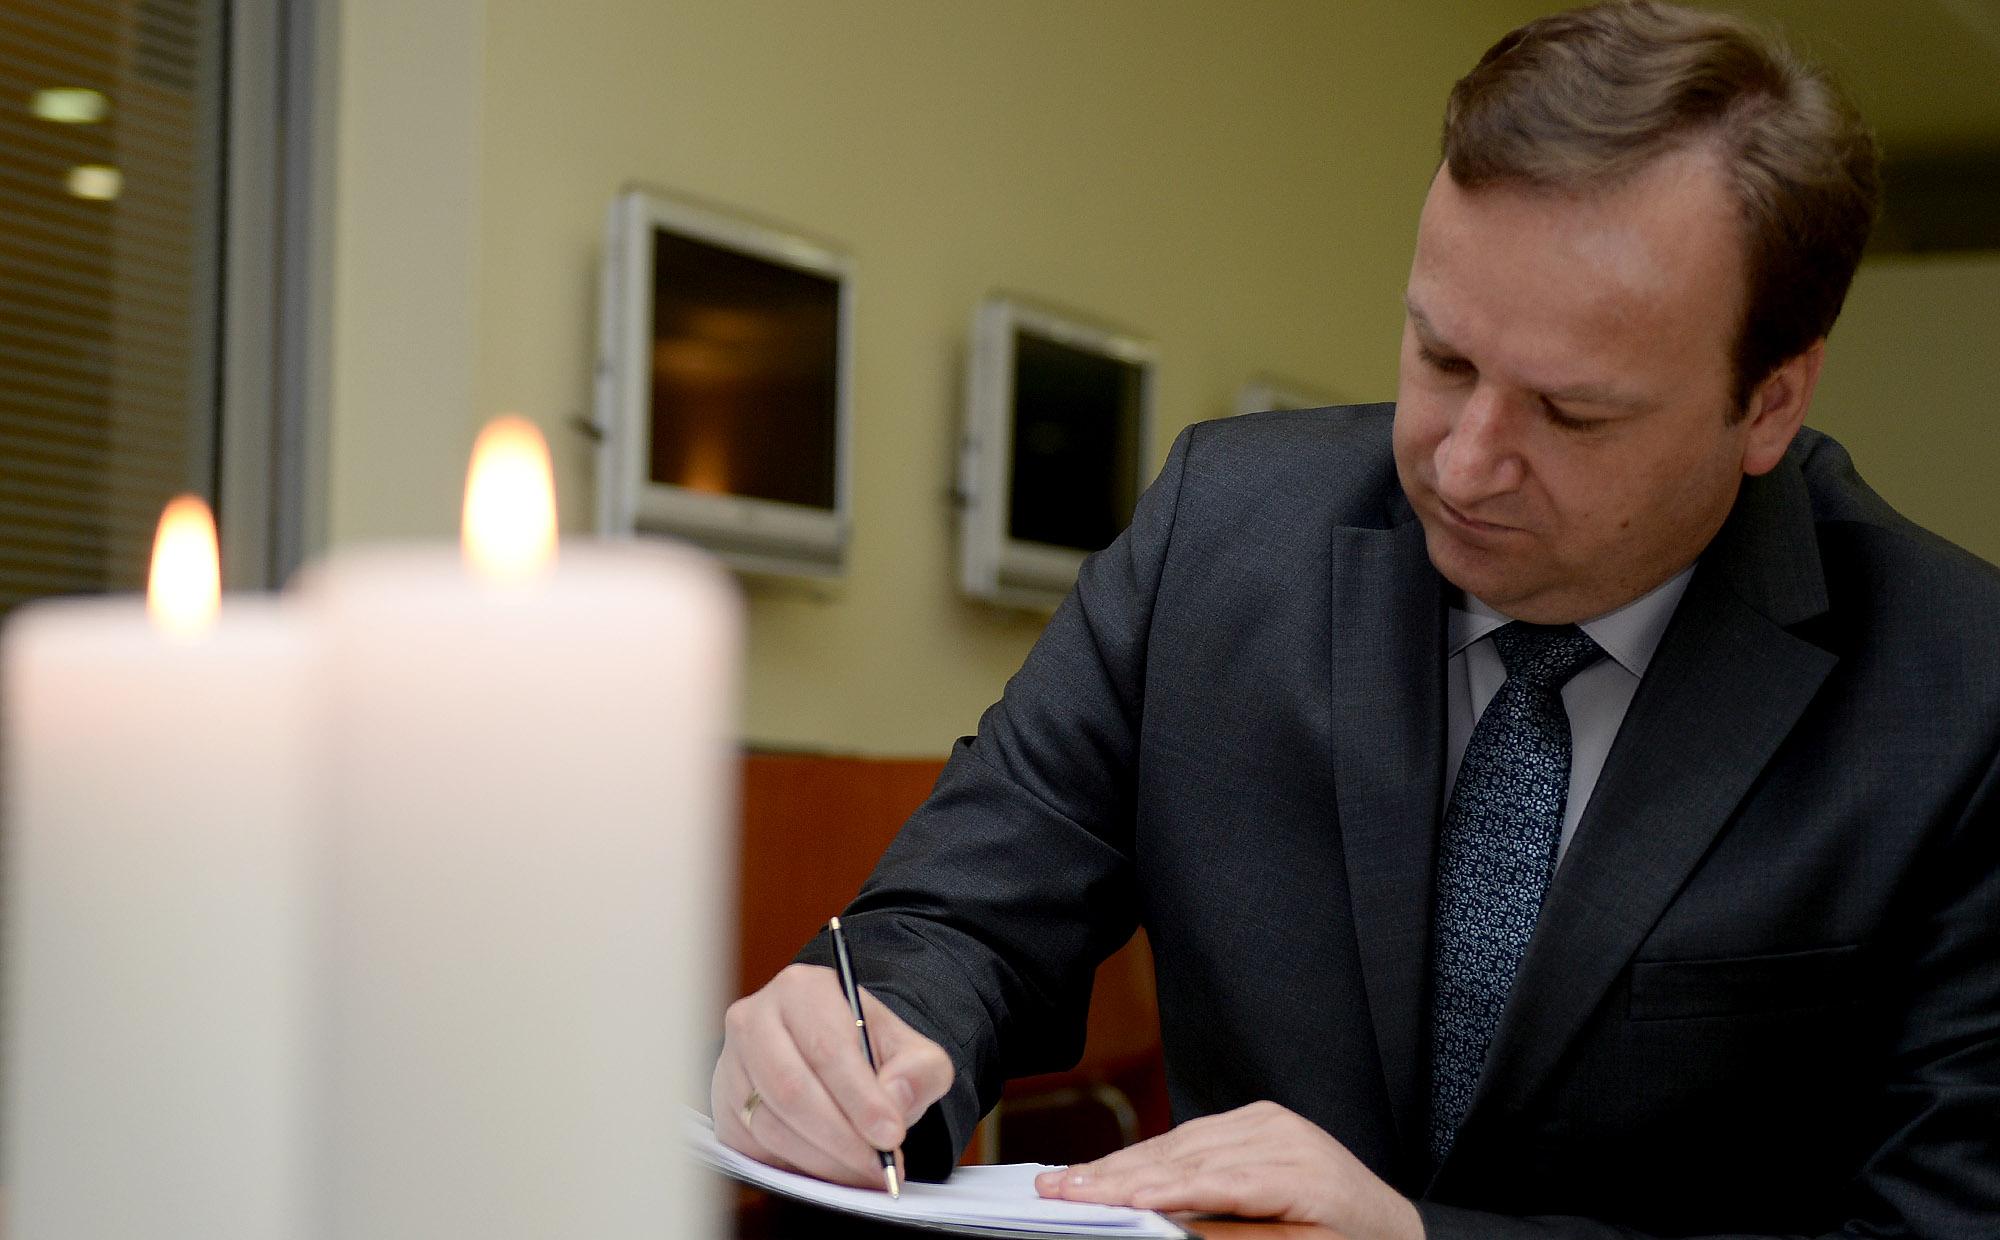 ФОТО: Димитриев се потпиша во Книгата на жалост за жртвите во Брисел